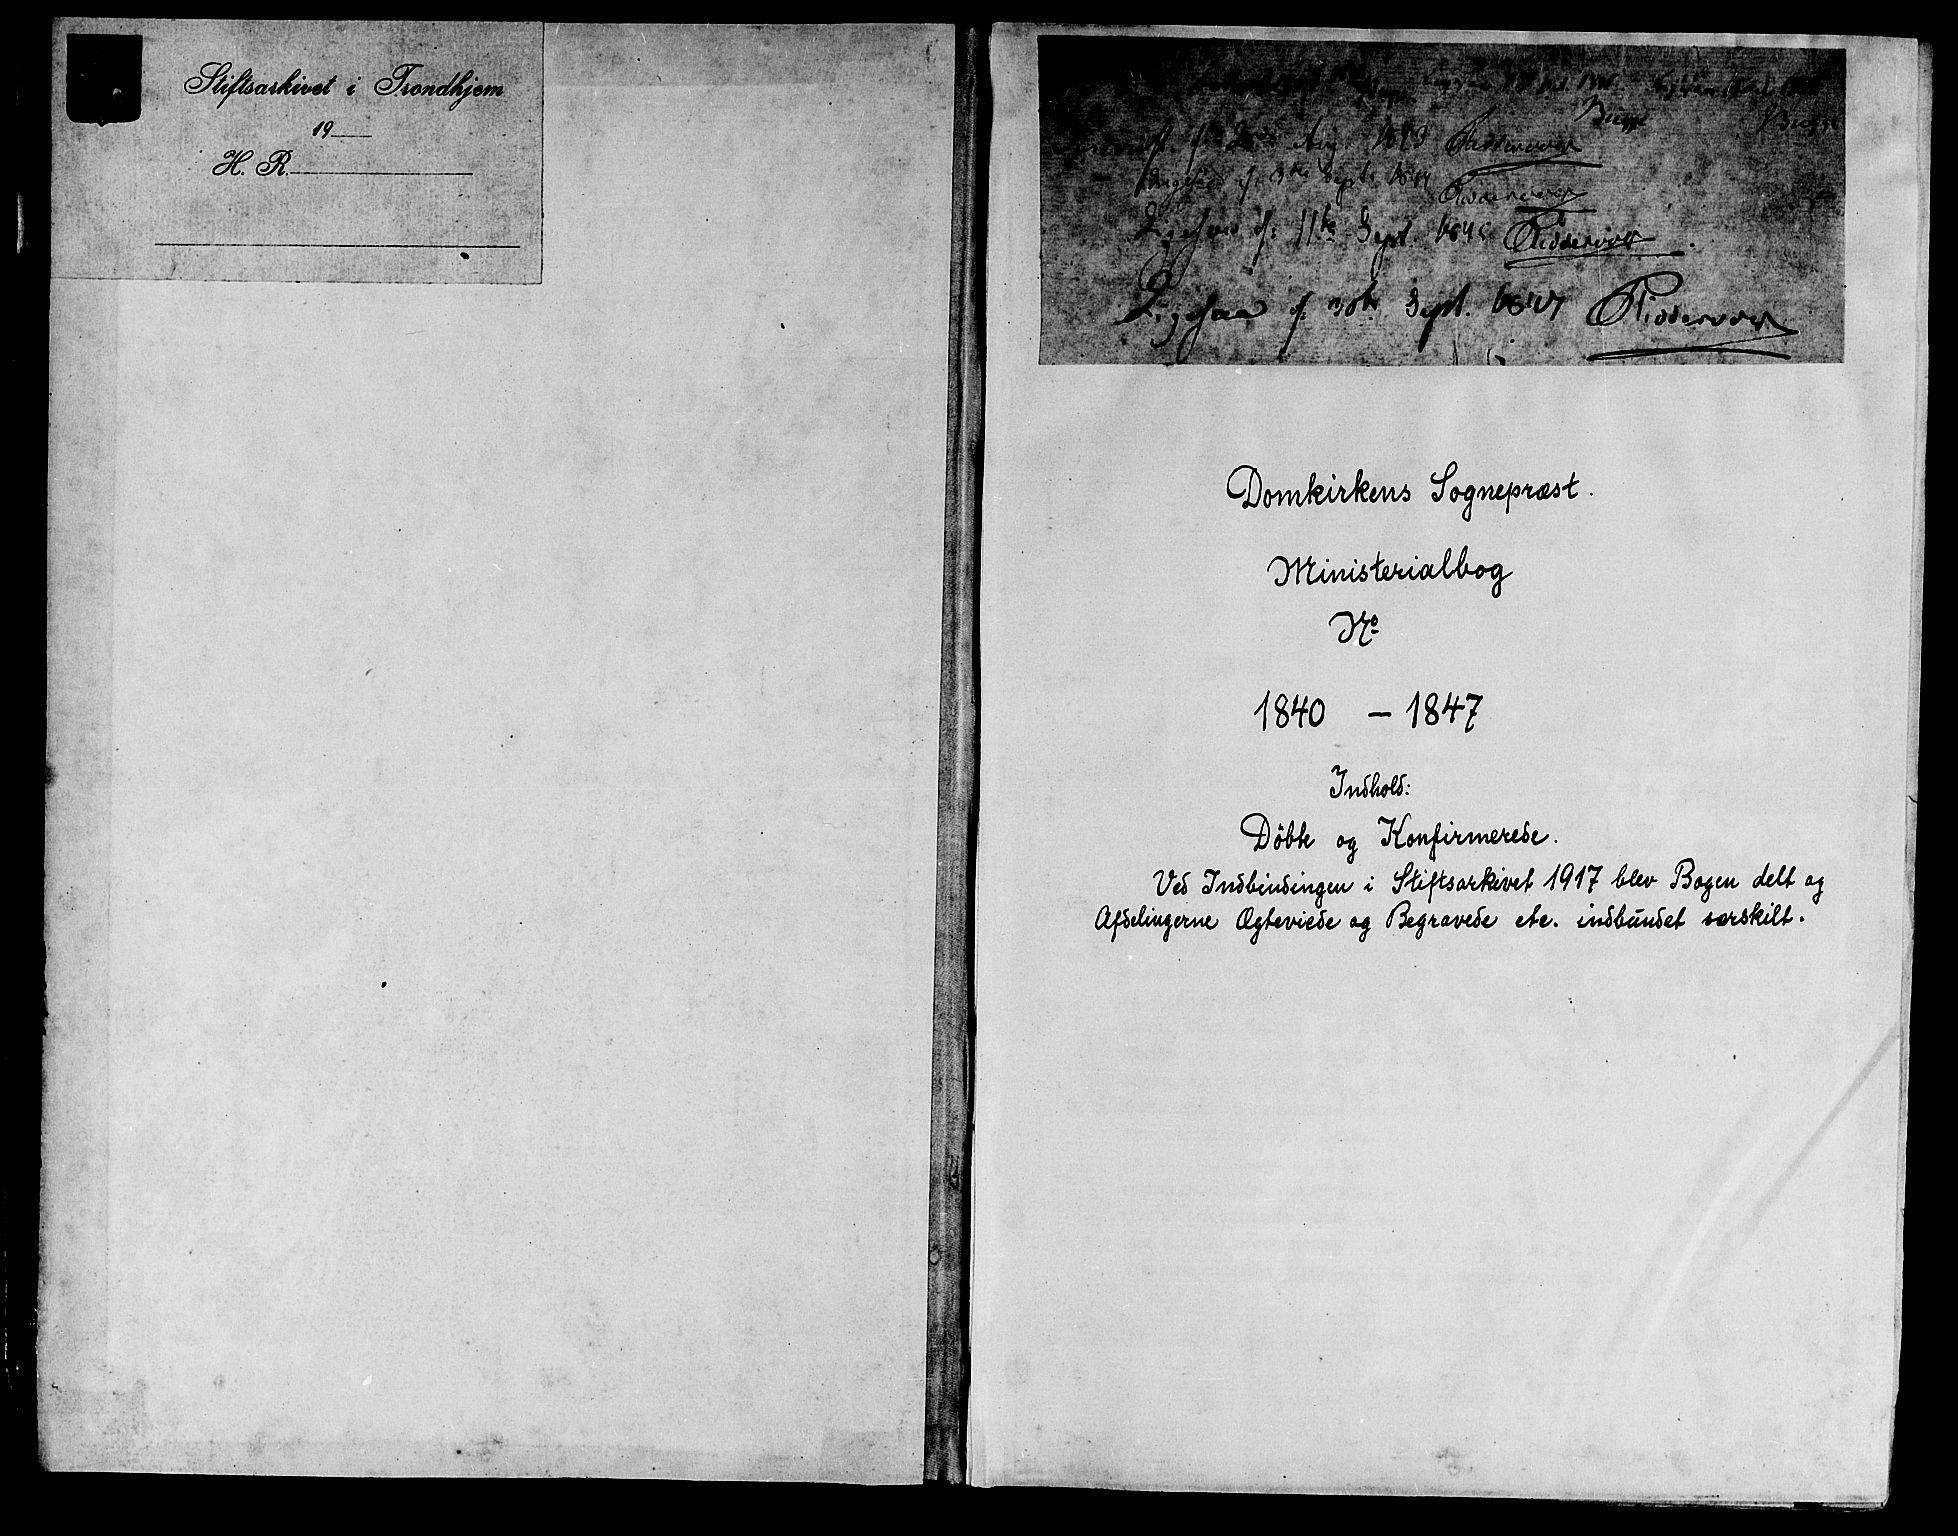 SAT, Ministerialprotokoller, klokkerbøker og fødselsregistre - Sør-Trøndelag, 601/L0048: Ministerialbok nr. 601A16, 1840-1847